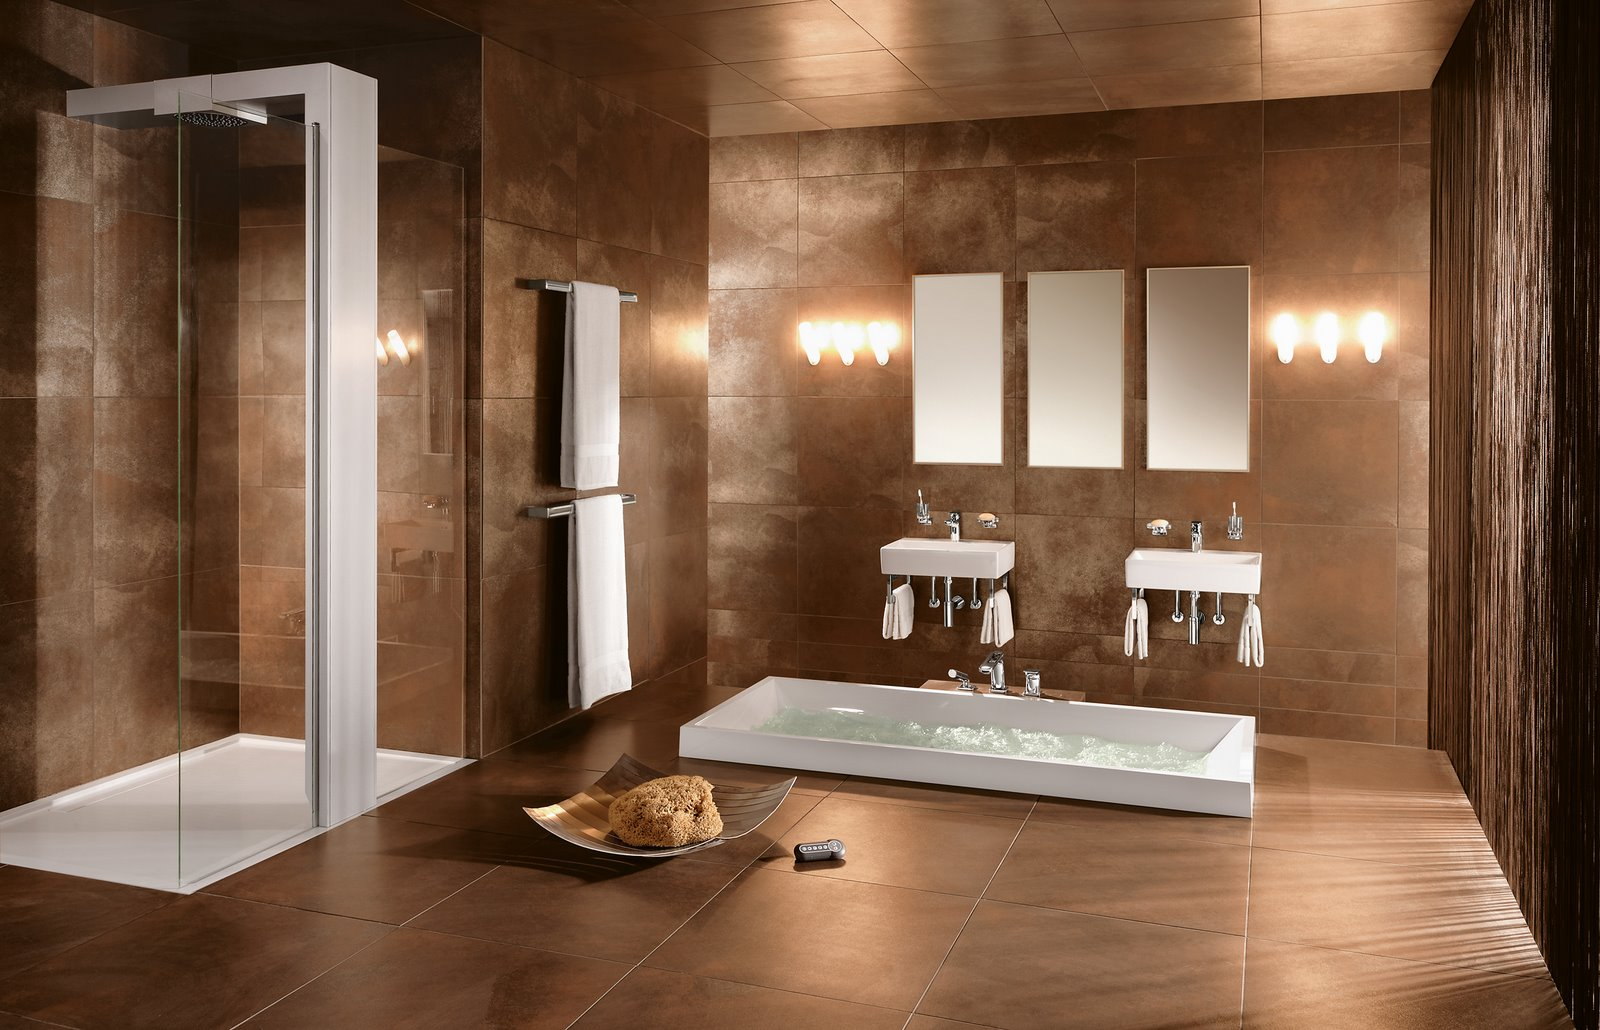 Badeinrichtung Modern Badeinrichtung Ideen Design Badmobel